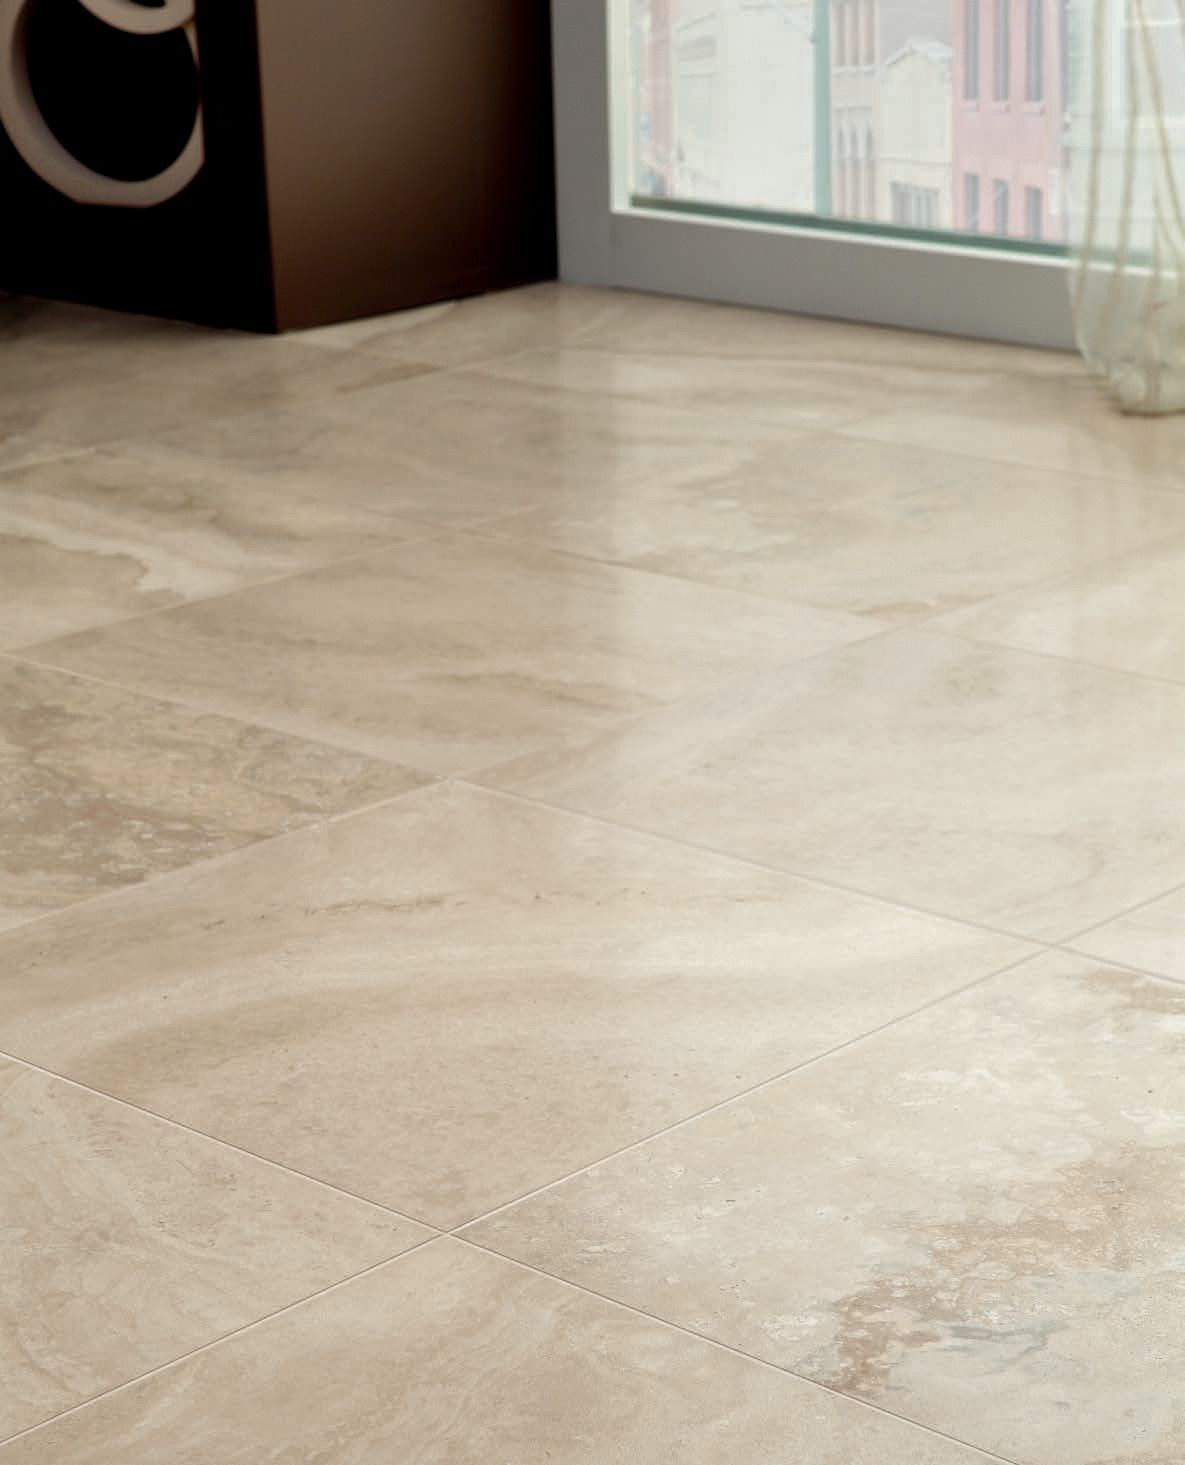 Caraculla collection floors avorio colour marble look - Marble look bathroom floor tiles ...